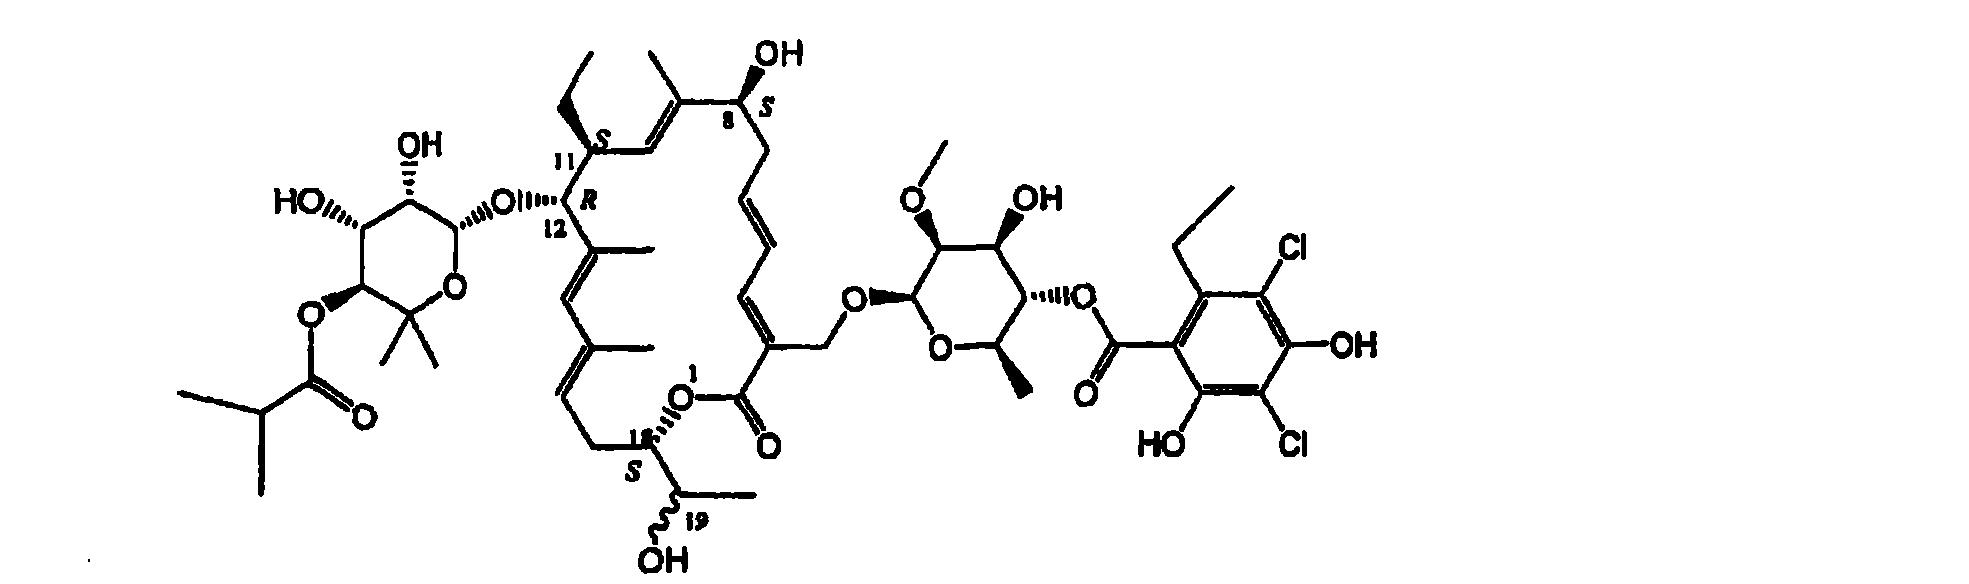 Figure CN101128114BD00102